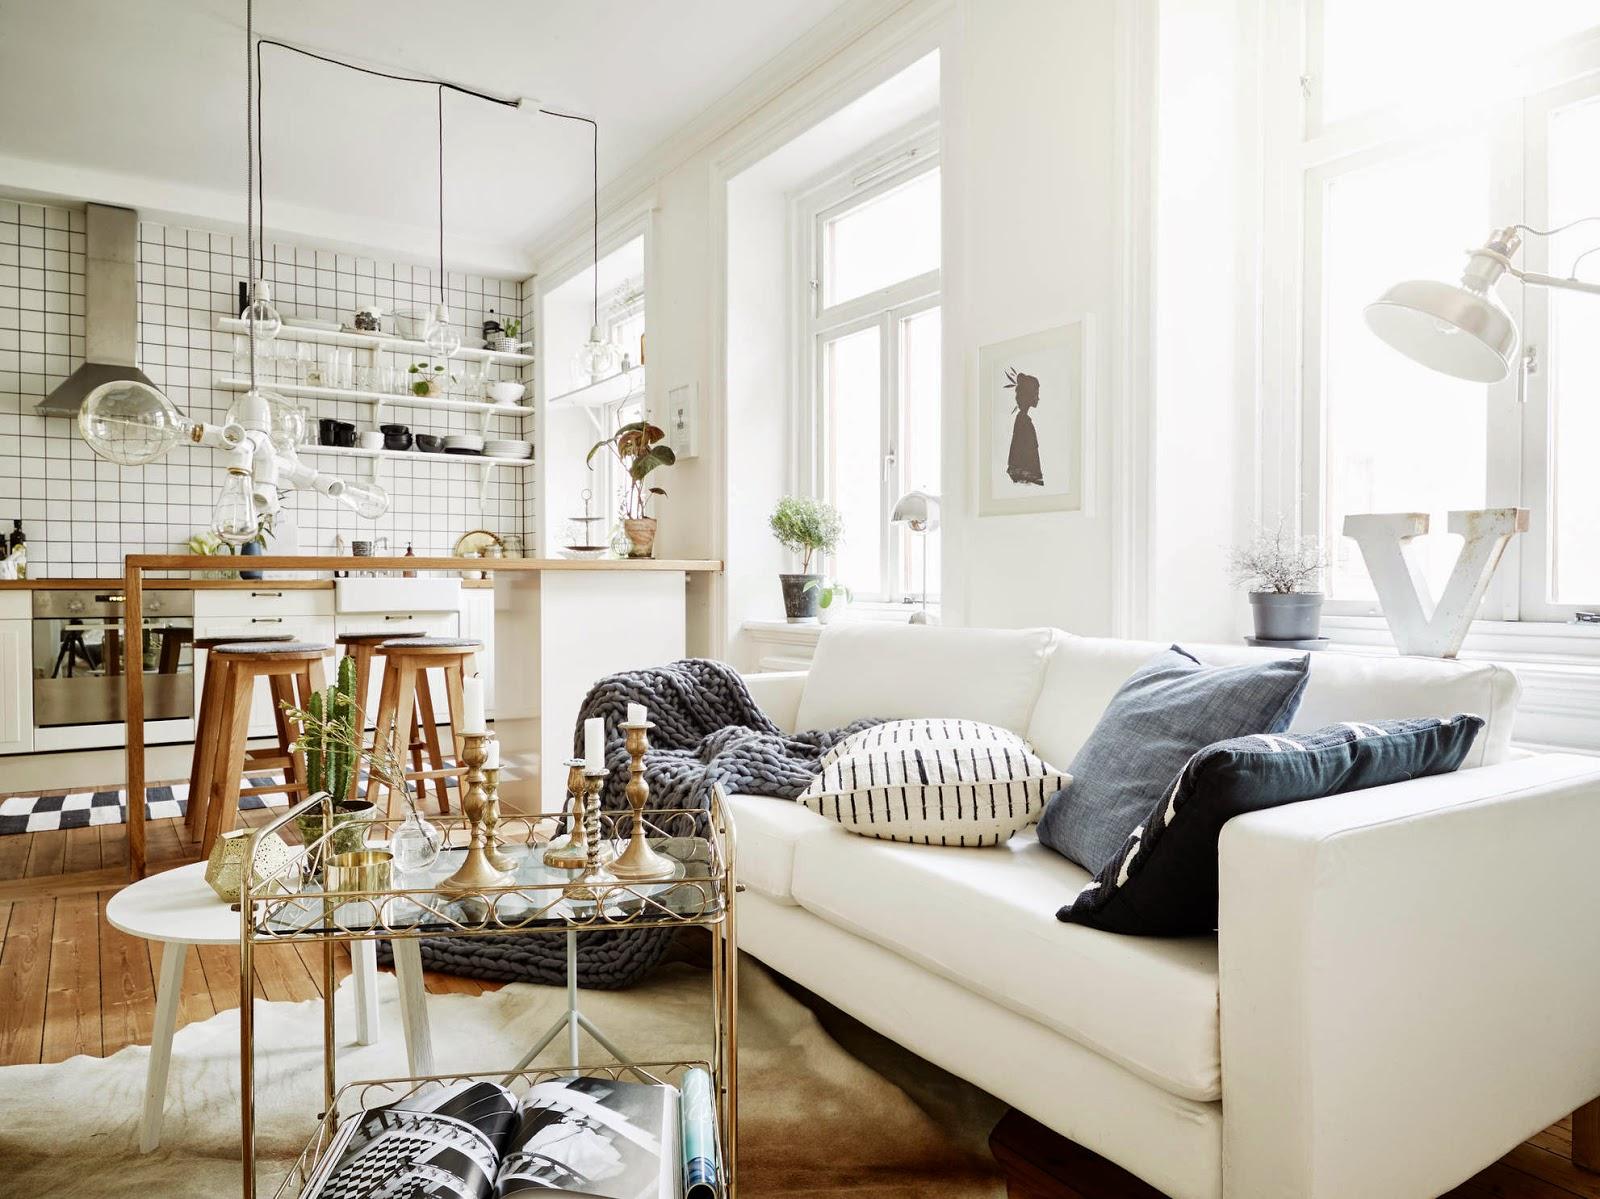 Vicky S Home Peque O Apartamento N Rdico Small Nordic Apartment ~ Decorar Apartamento Pequeño Ikea